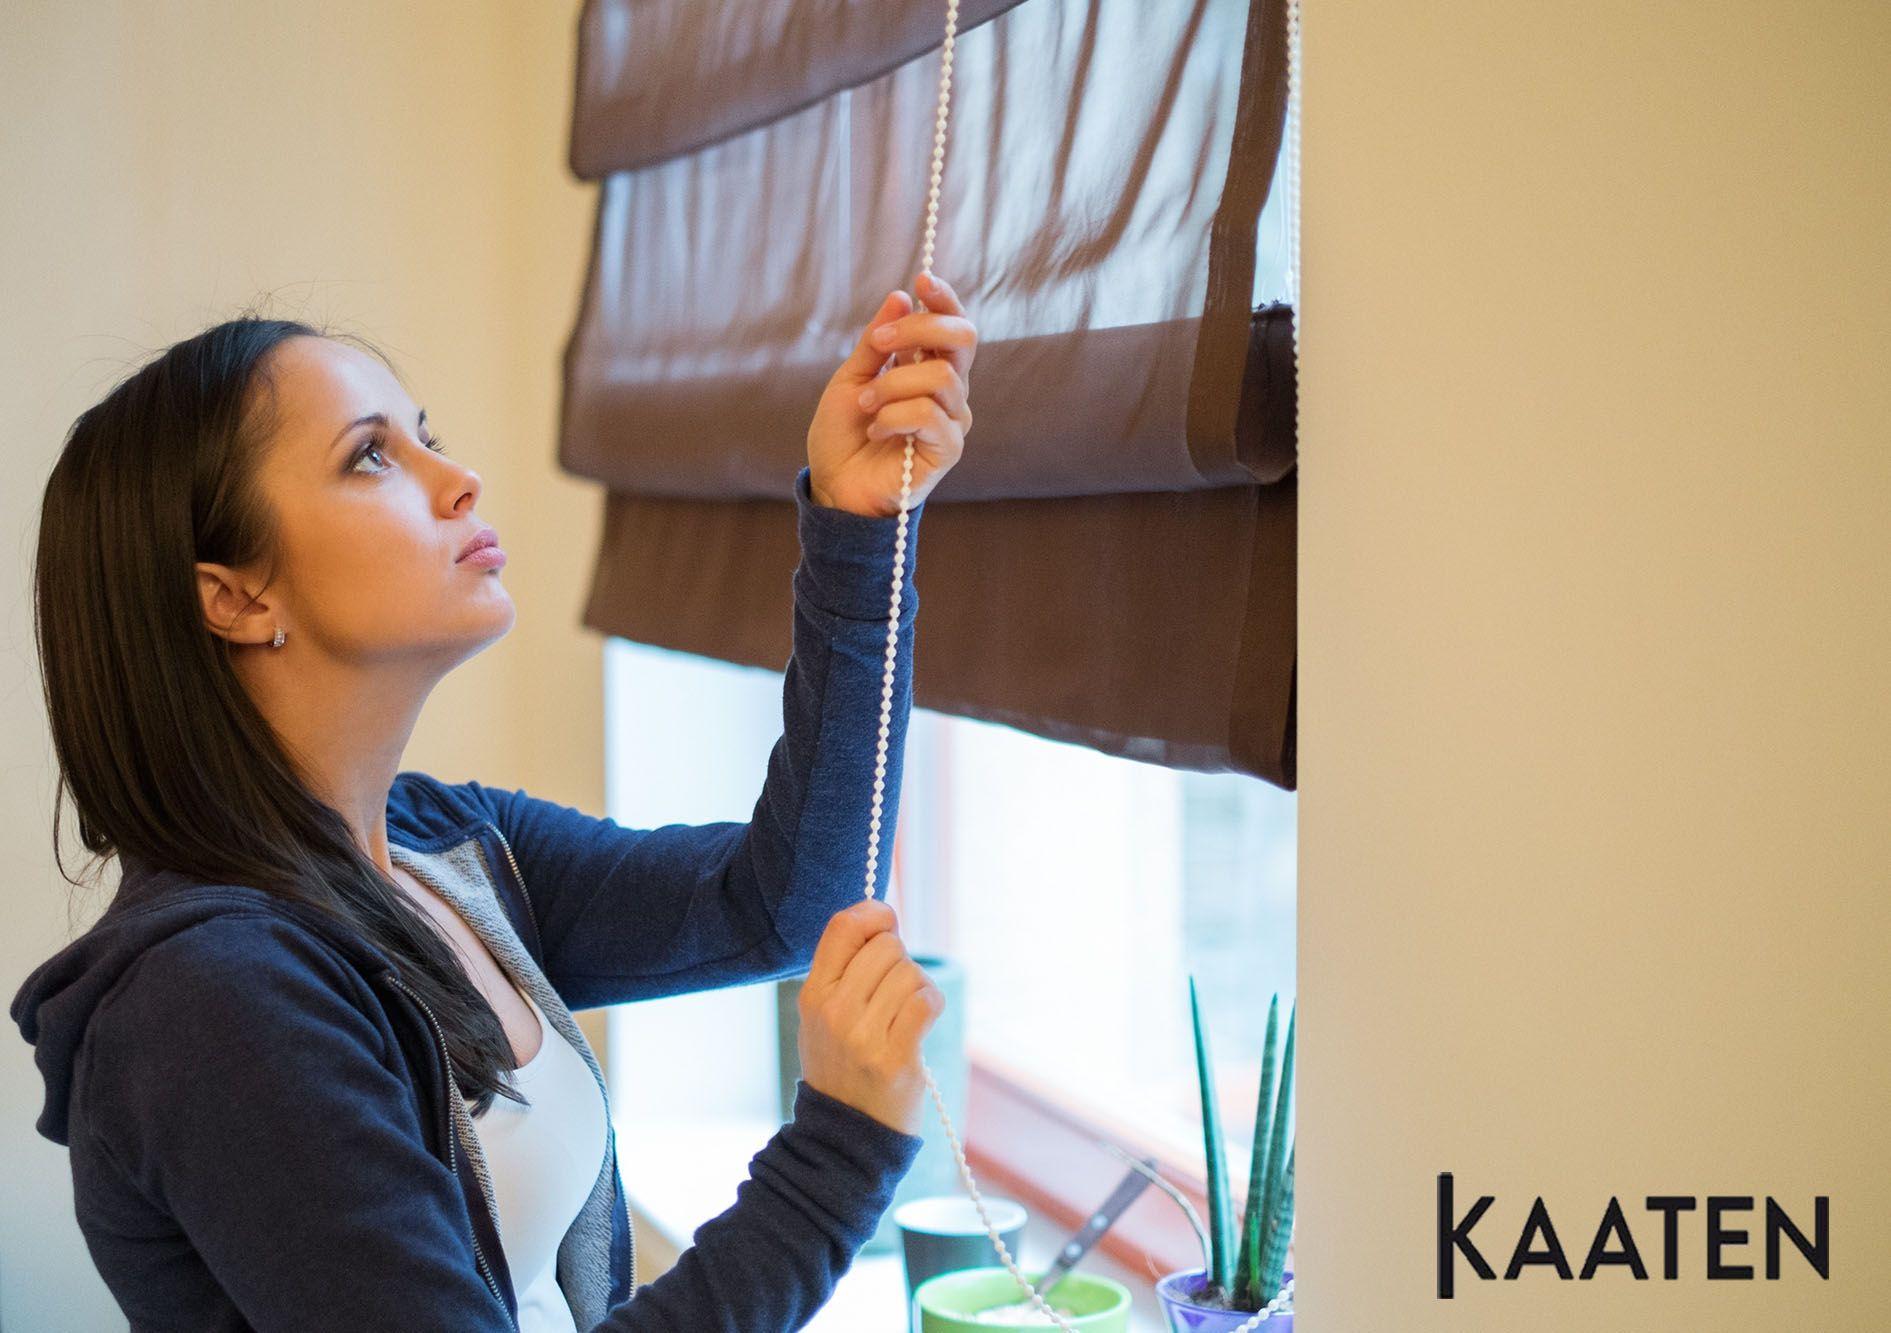 Estores y cortinas online kaaten estores a medida de - Cortinas y estores online ...